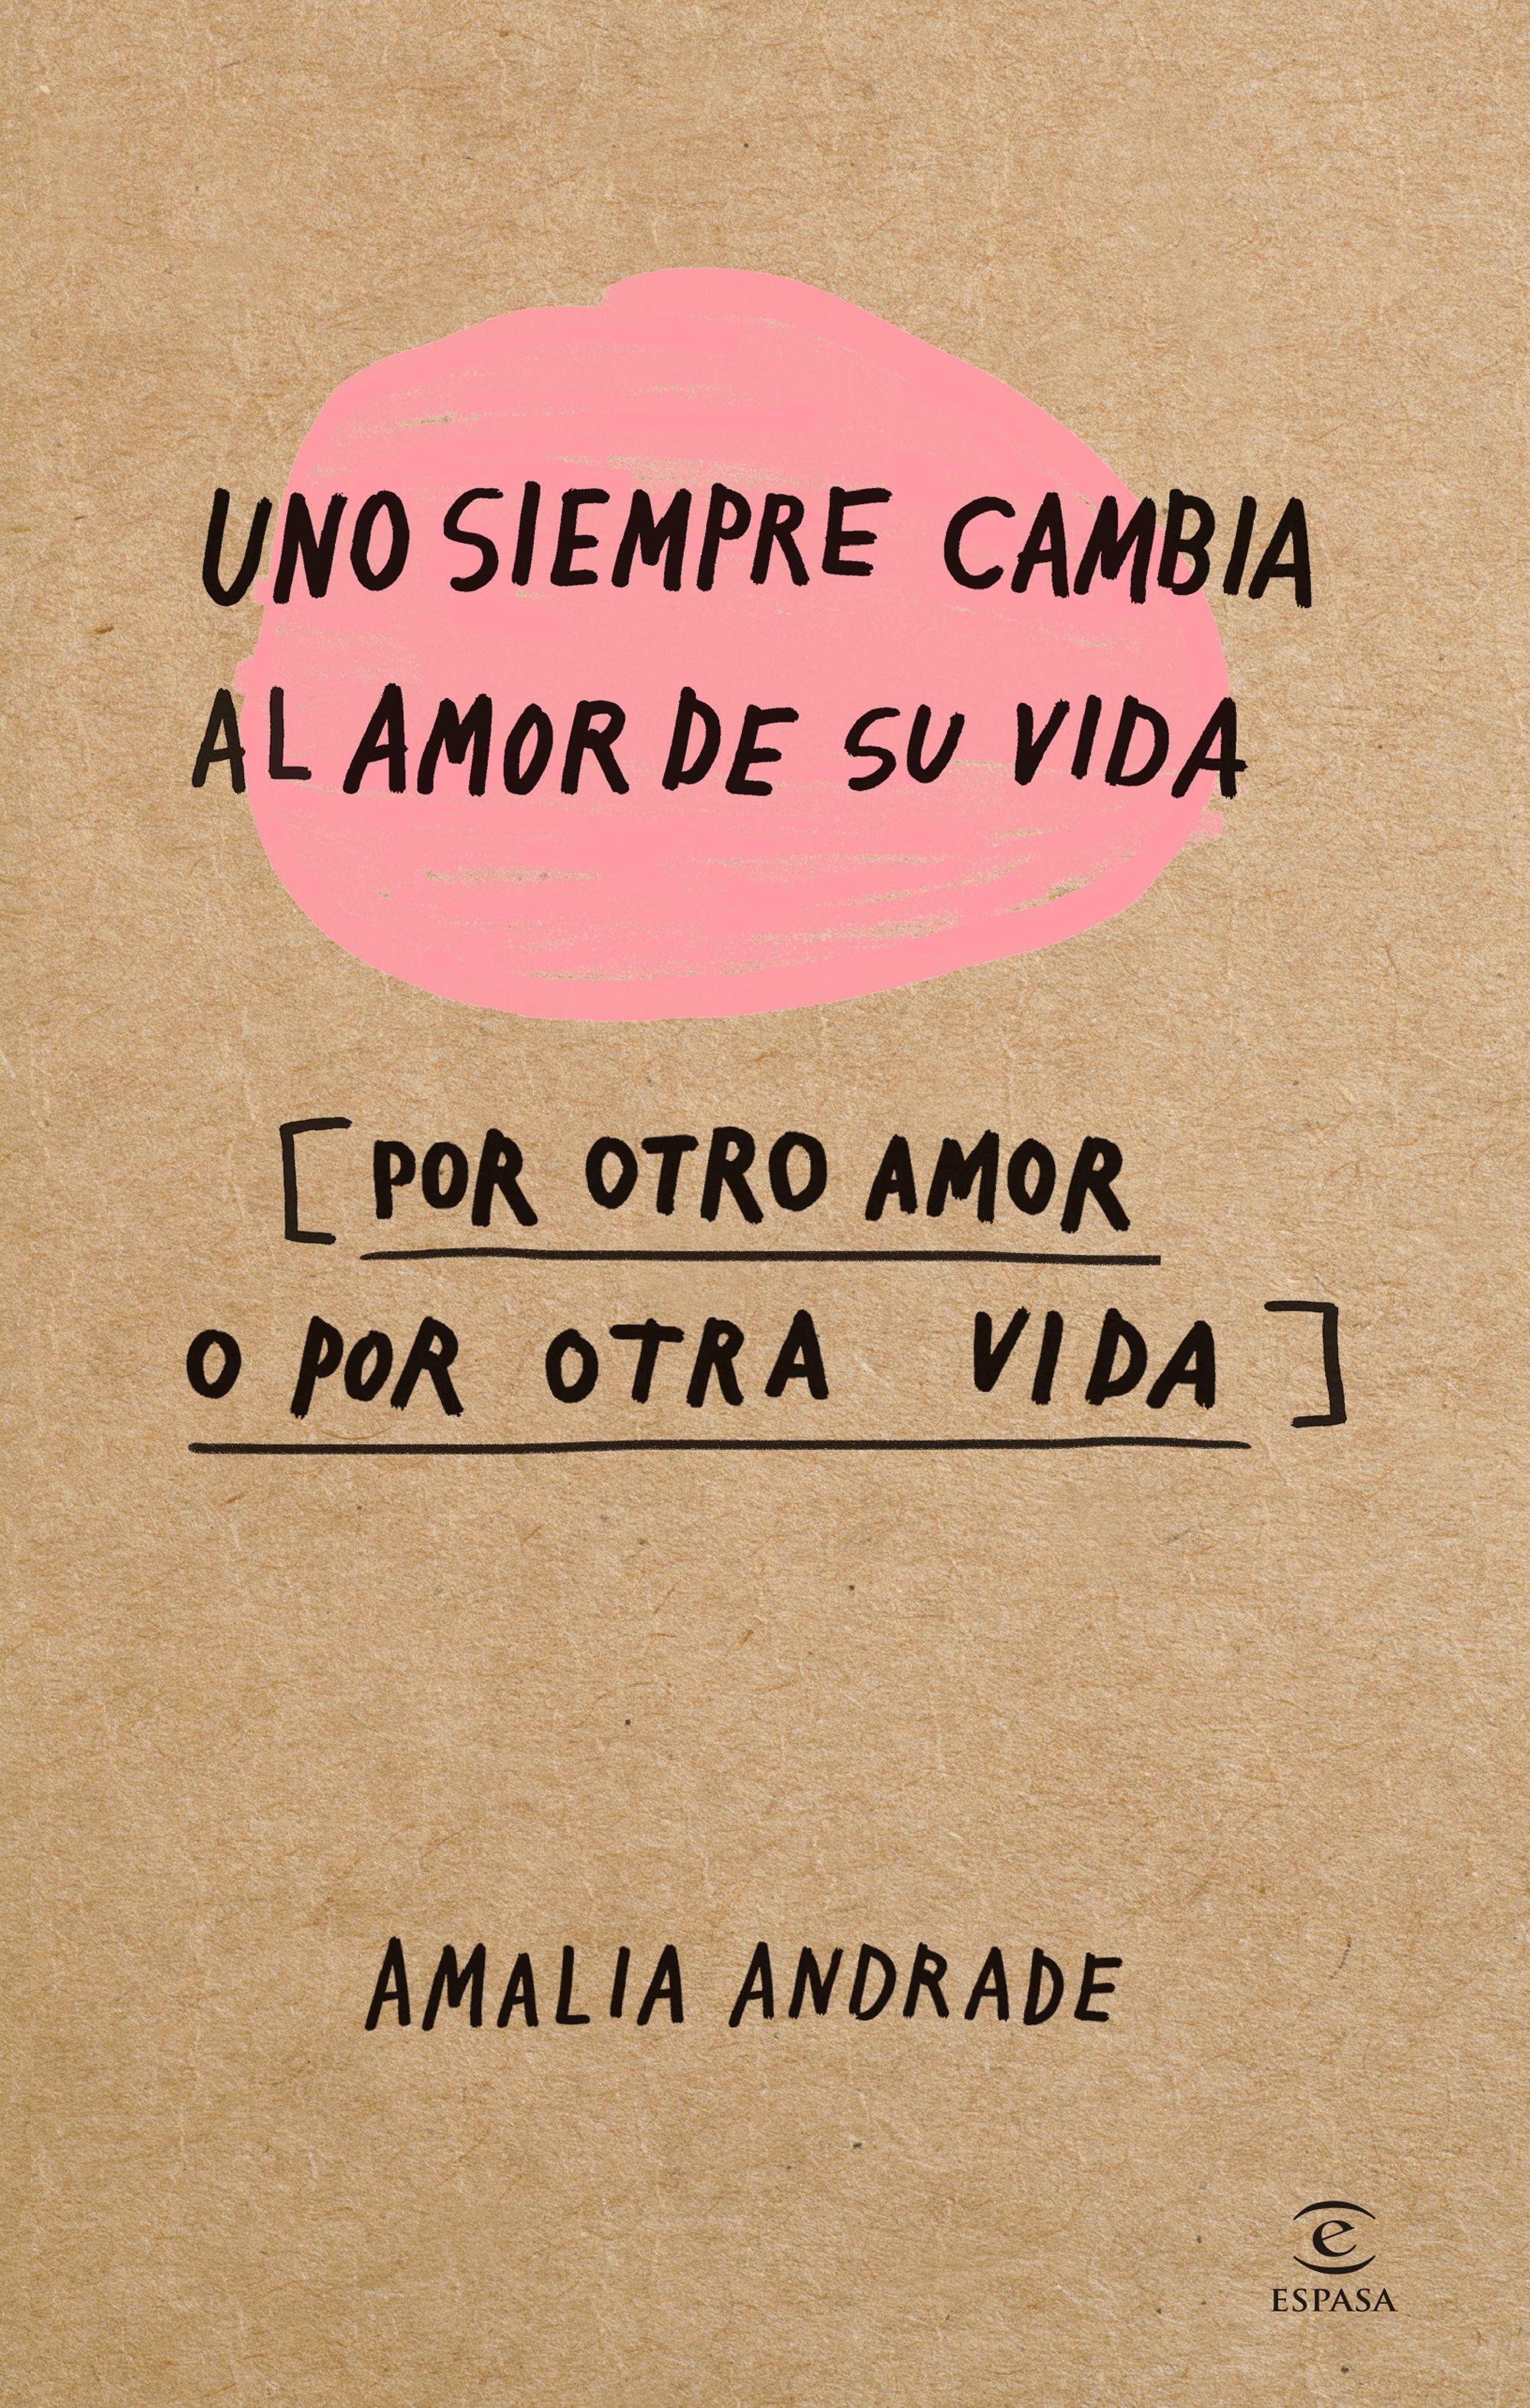 Uno Siempre Cambia al Amor de su Vida por Otro Amor o por Otra Vida - Amalia Andrade - Espasa